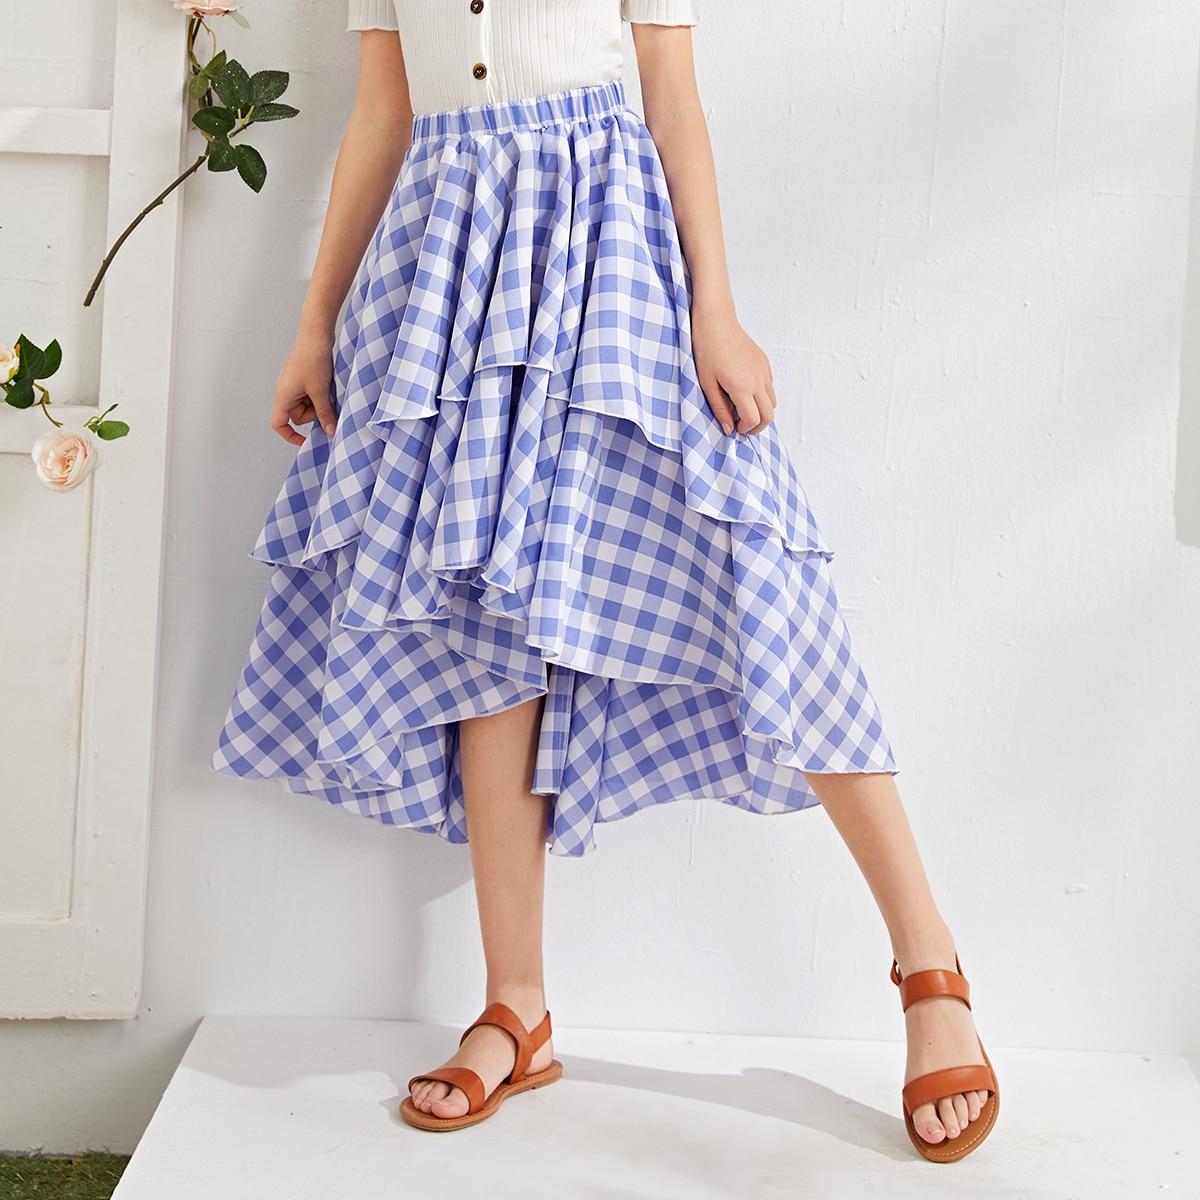 Асимметричная юбка в клетку для девочек